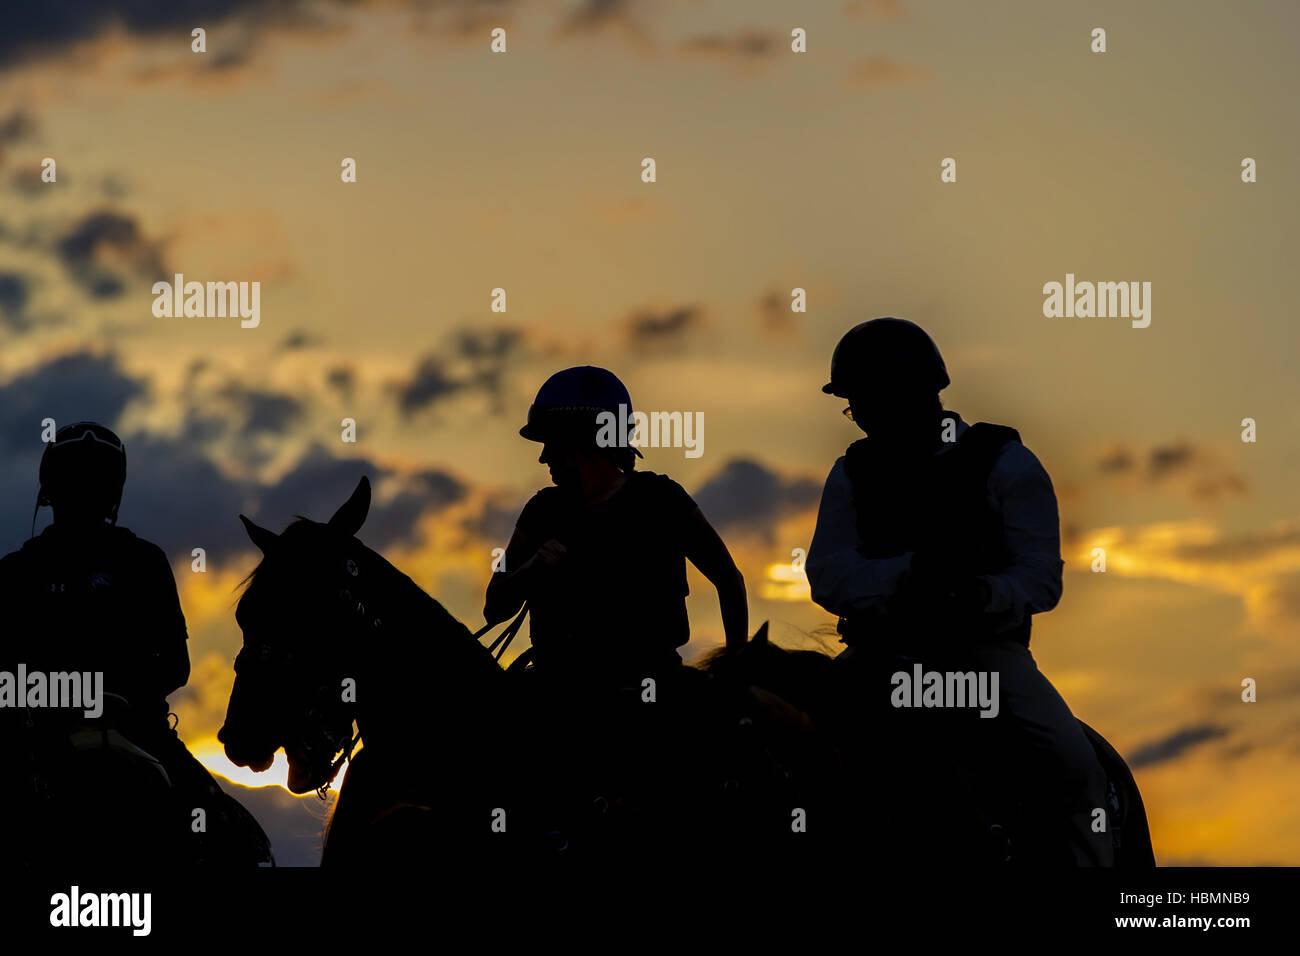 Wettbewerbsfähige Pferderennen Stockbild